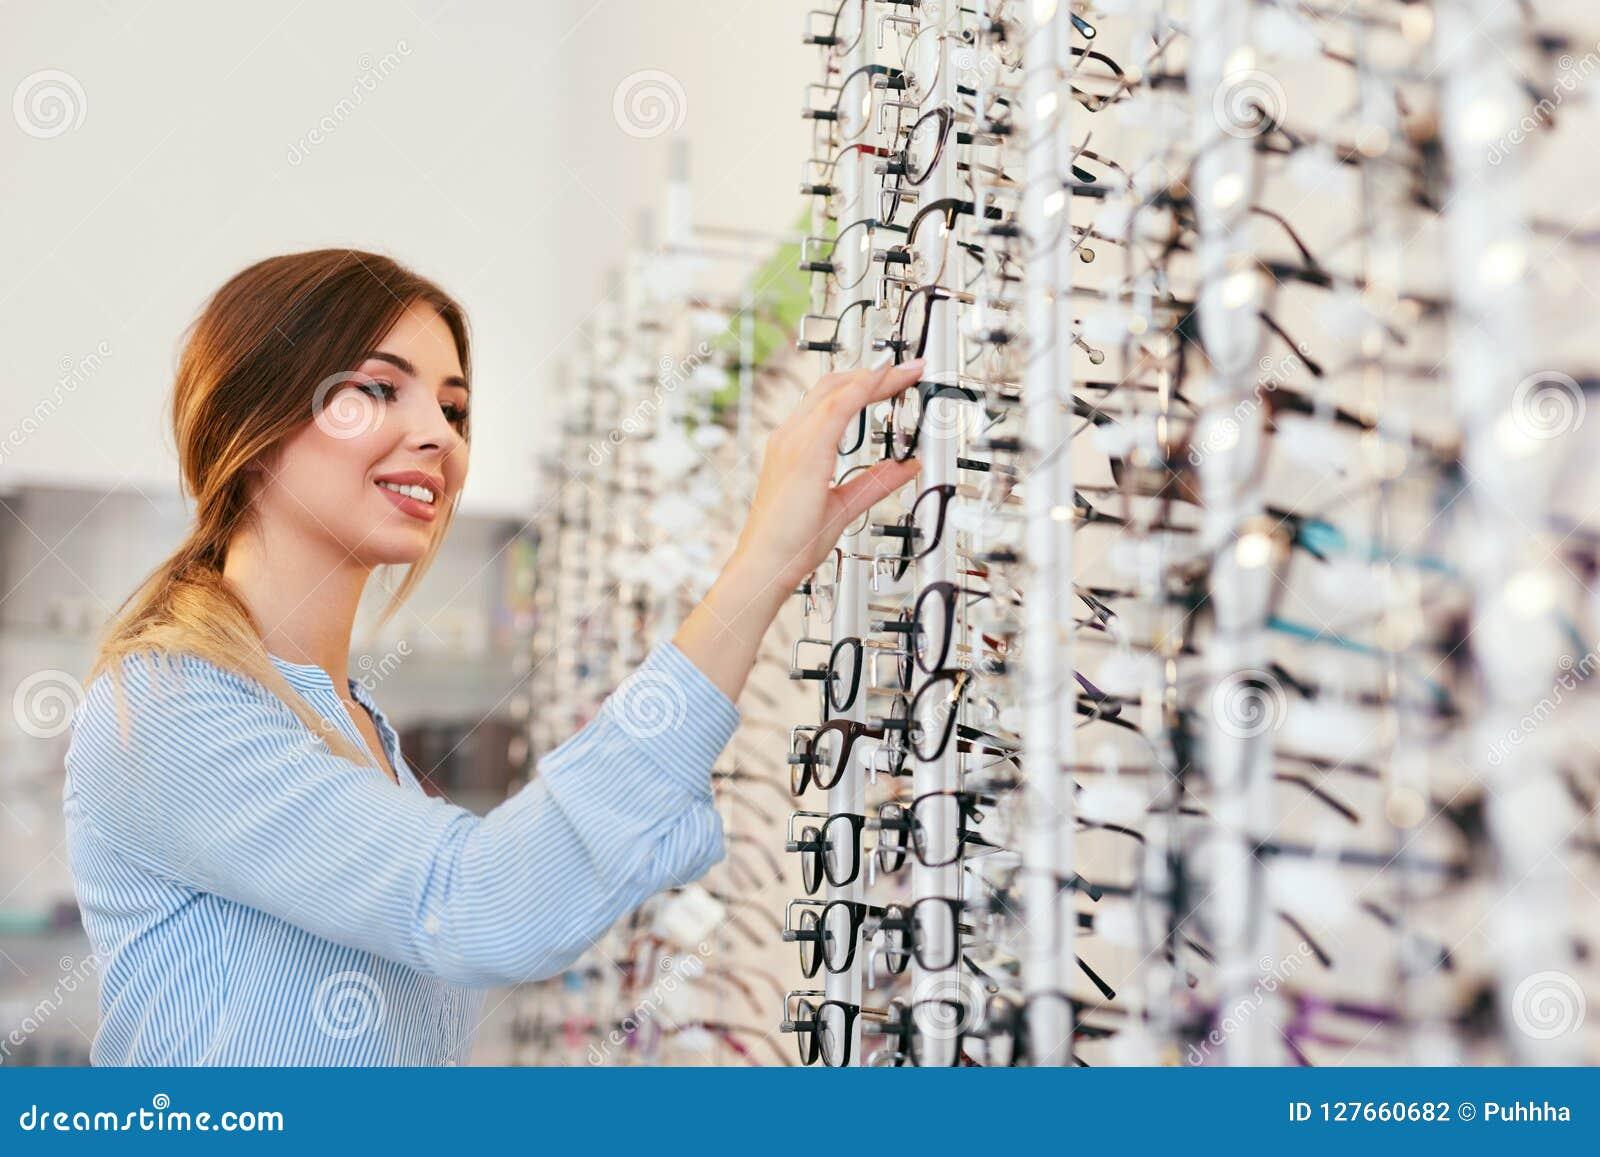 Departamento óptico Mujer cerca del escaparate que busca las lentes